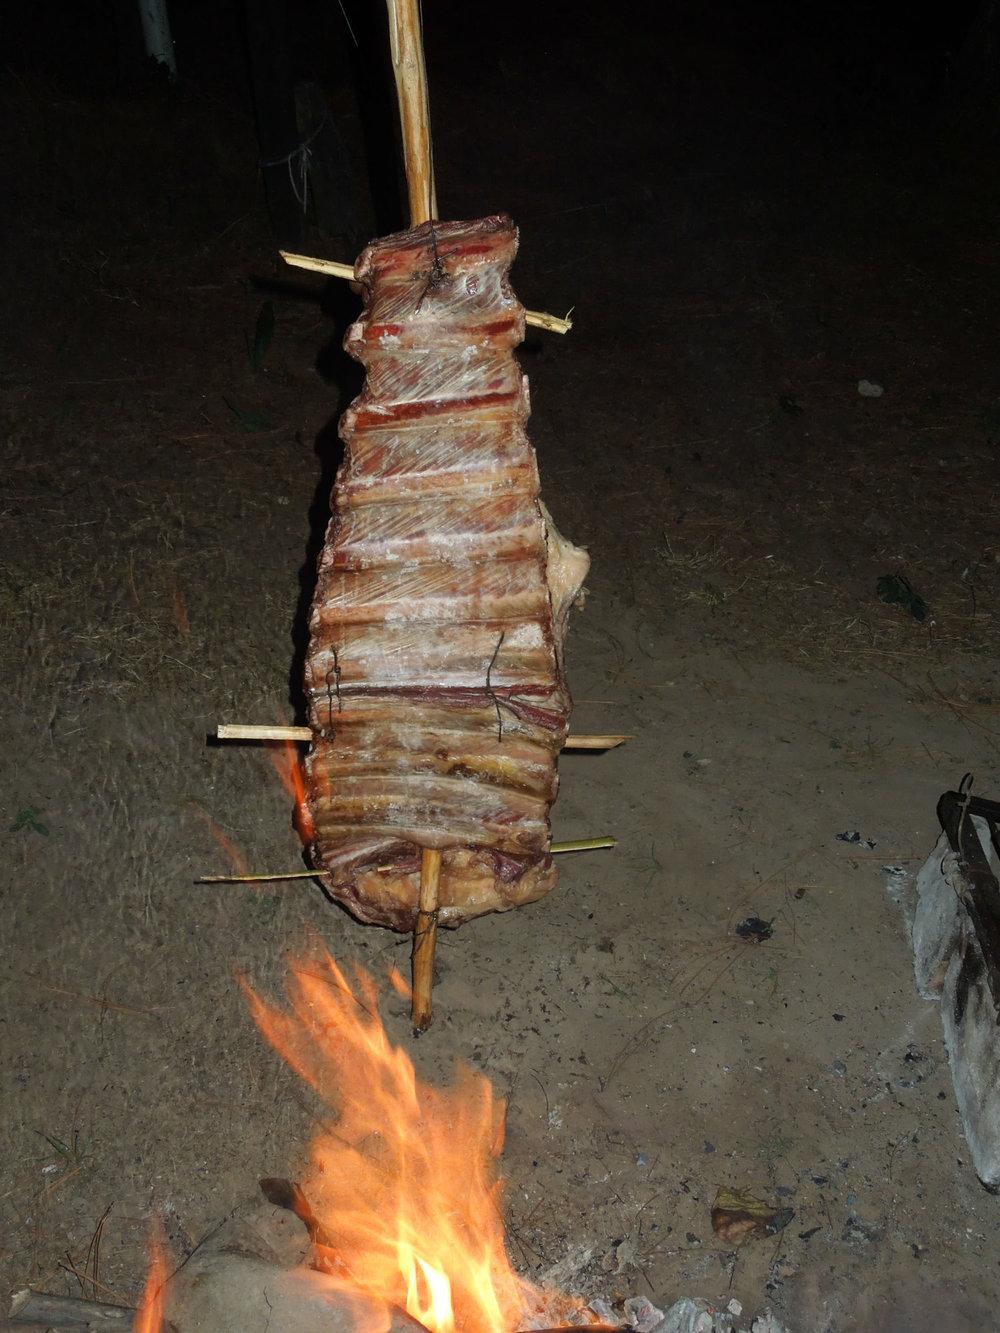 grill_asado_dinner.jpg